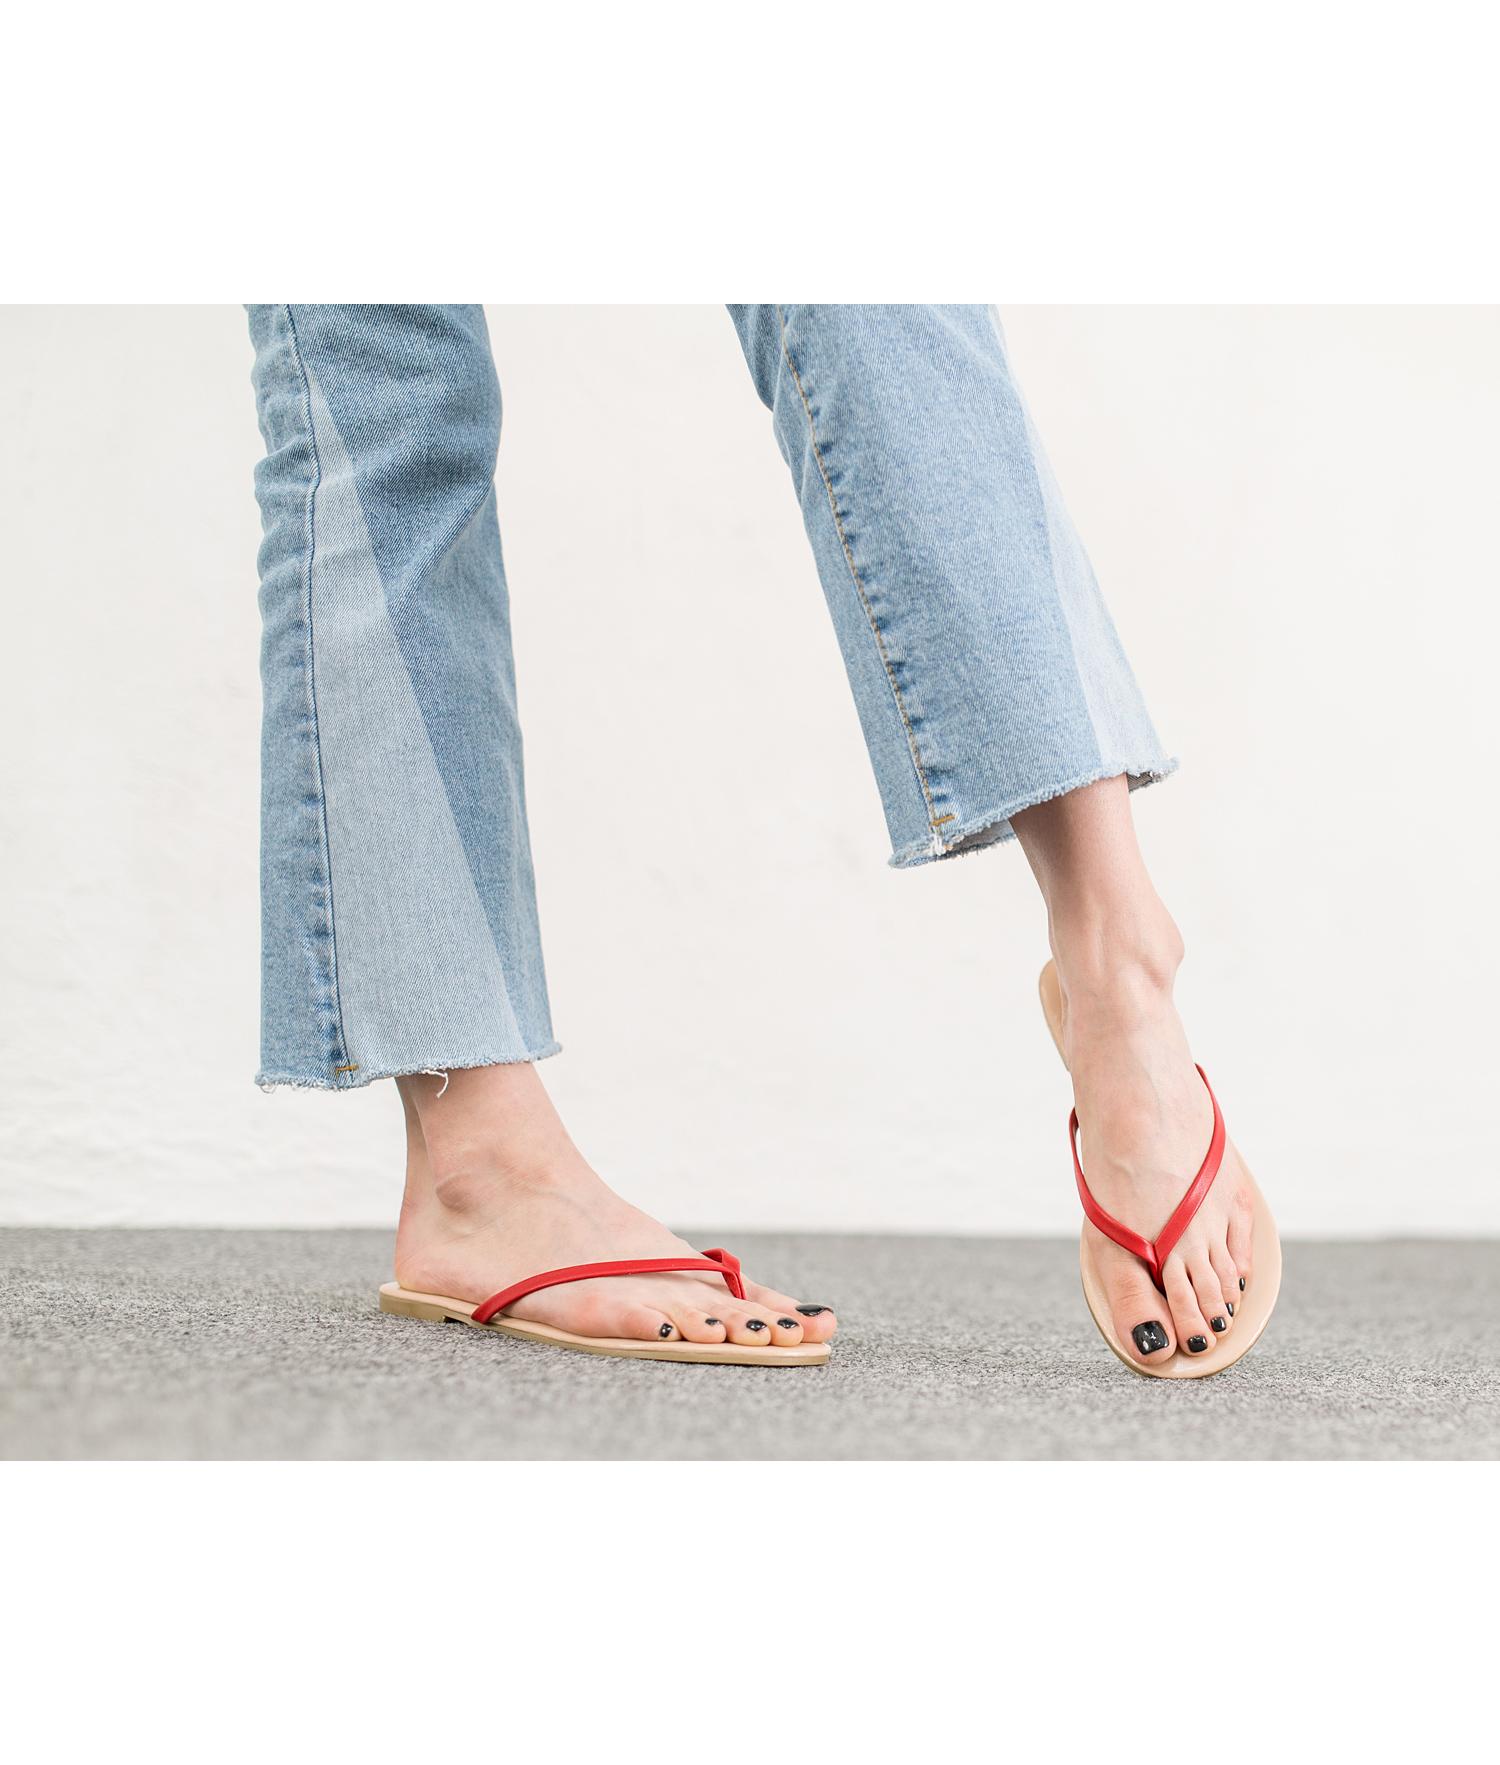 a8c67299e89a8 Dorie Simple Flip Flop Shoes - annakastleshoes.com